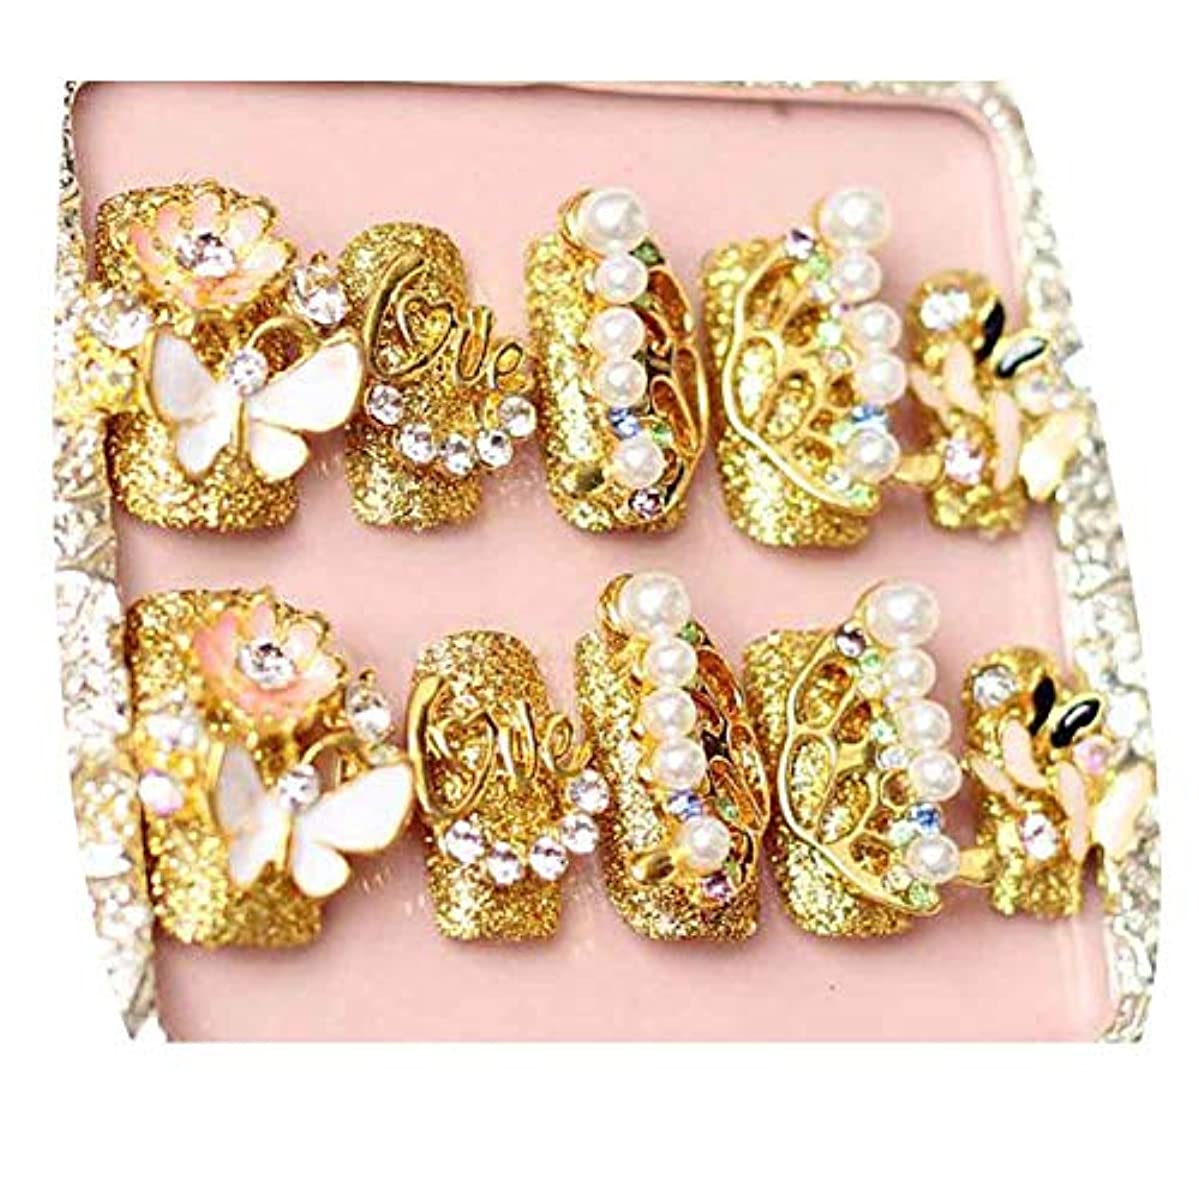 欲求不満邪魔する仮称蝶 - ゴールドカラー偽爪結婚式人工爪のヒントビーズネイルアート